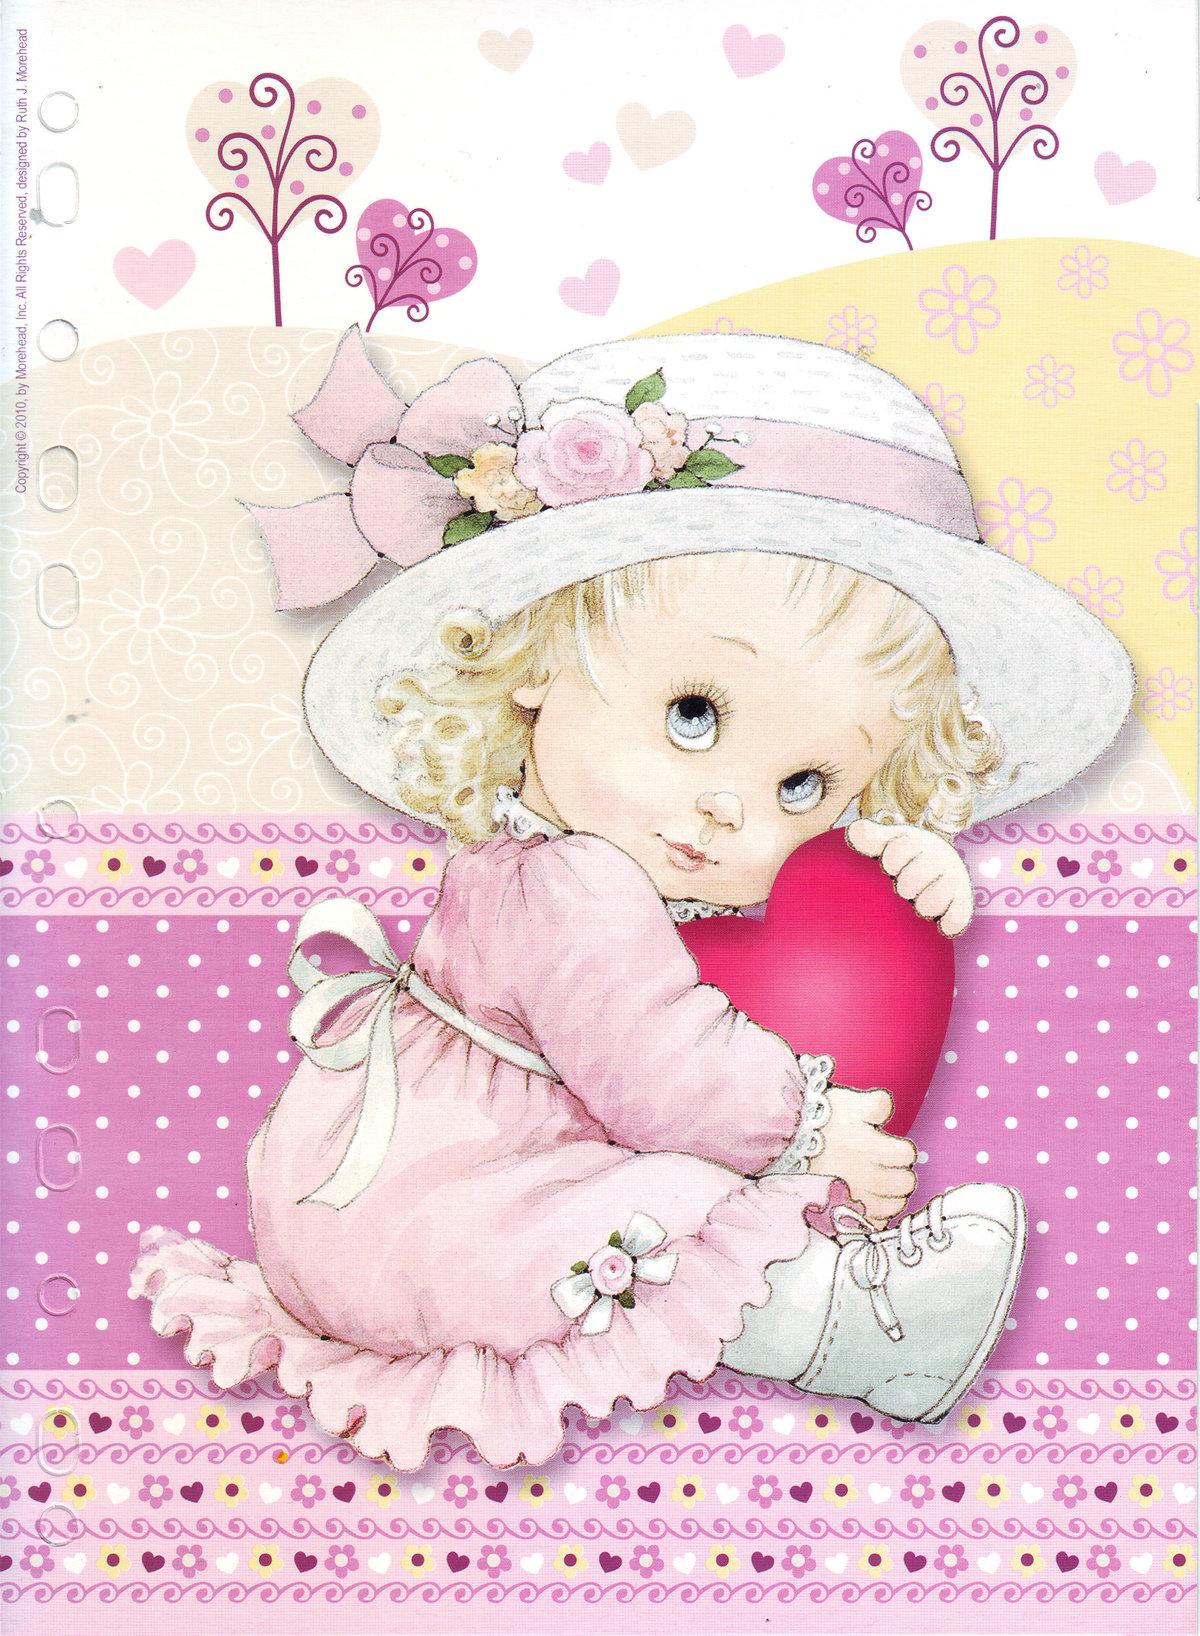 Днем, картинки для открытки ребенку